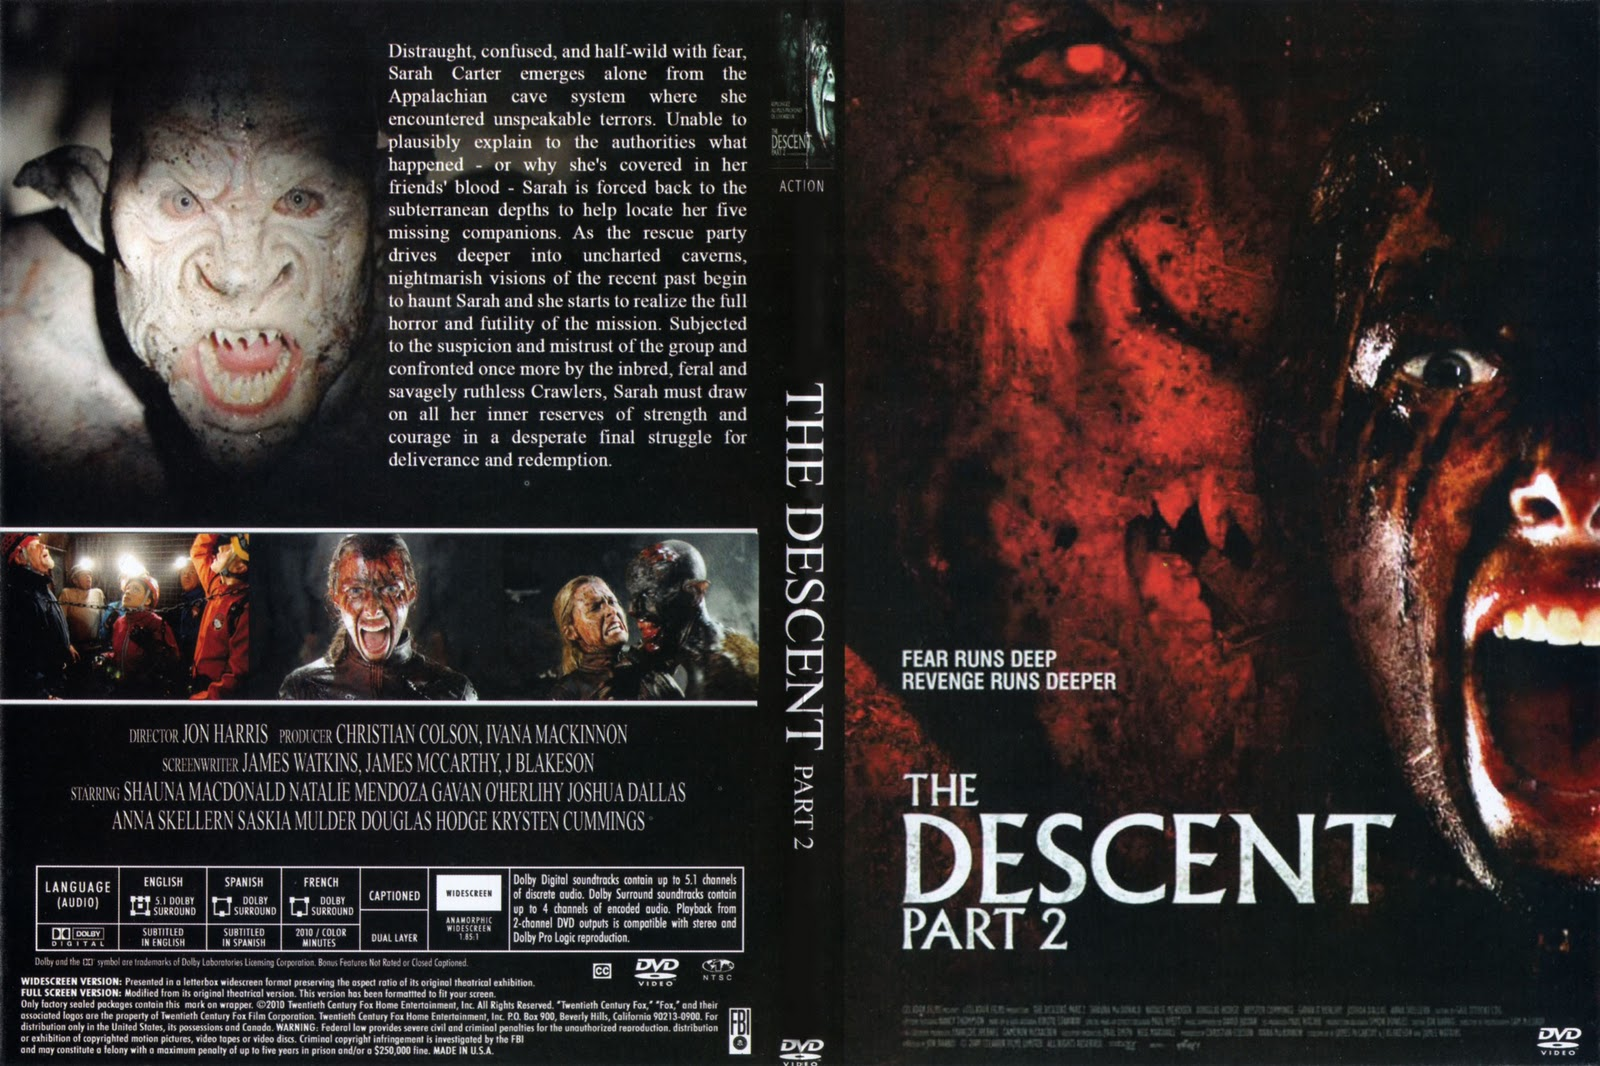 descent part 2 full movie